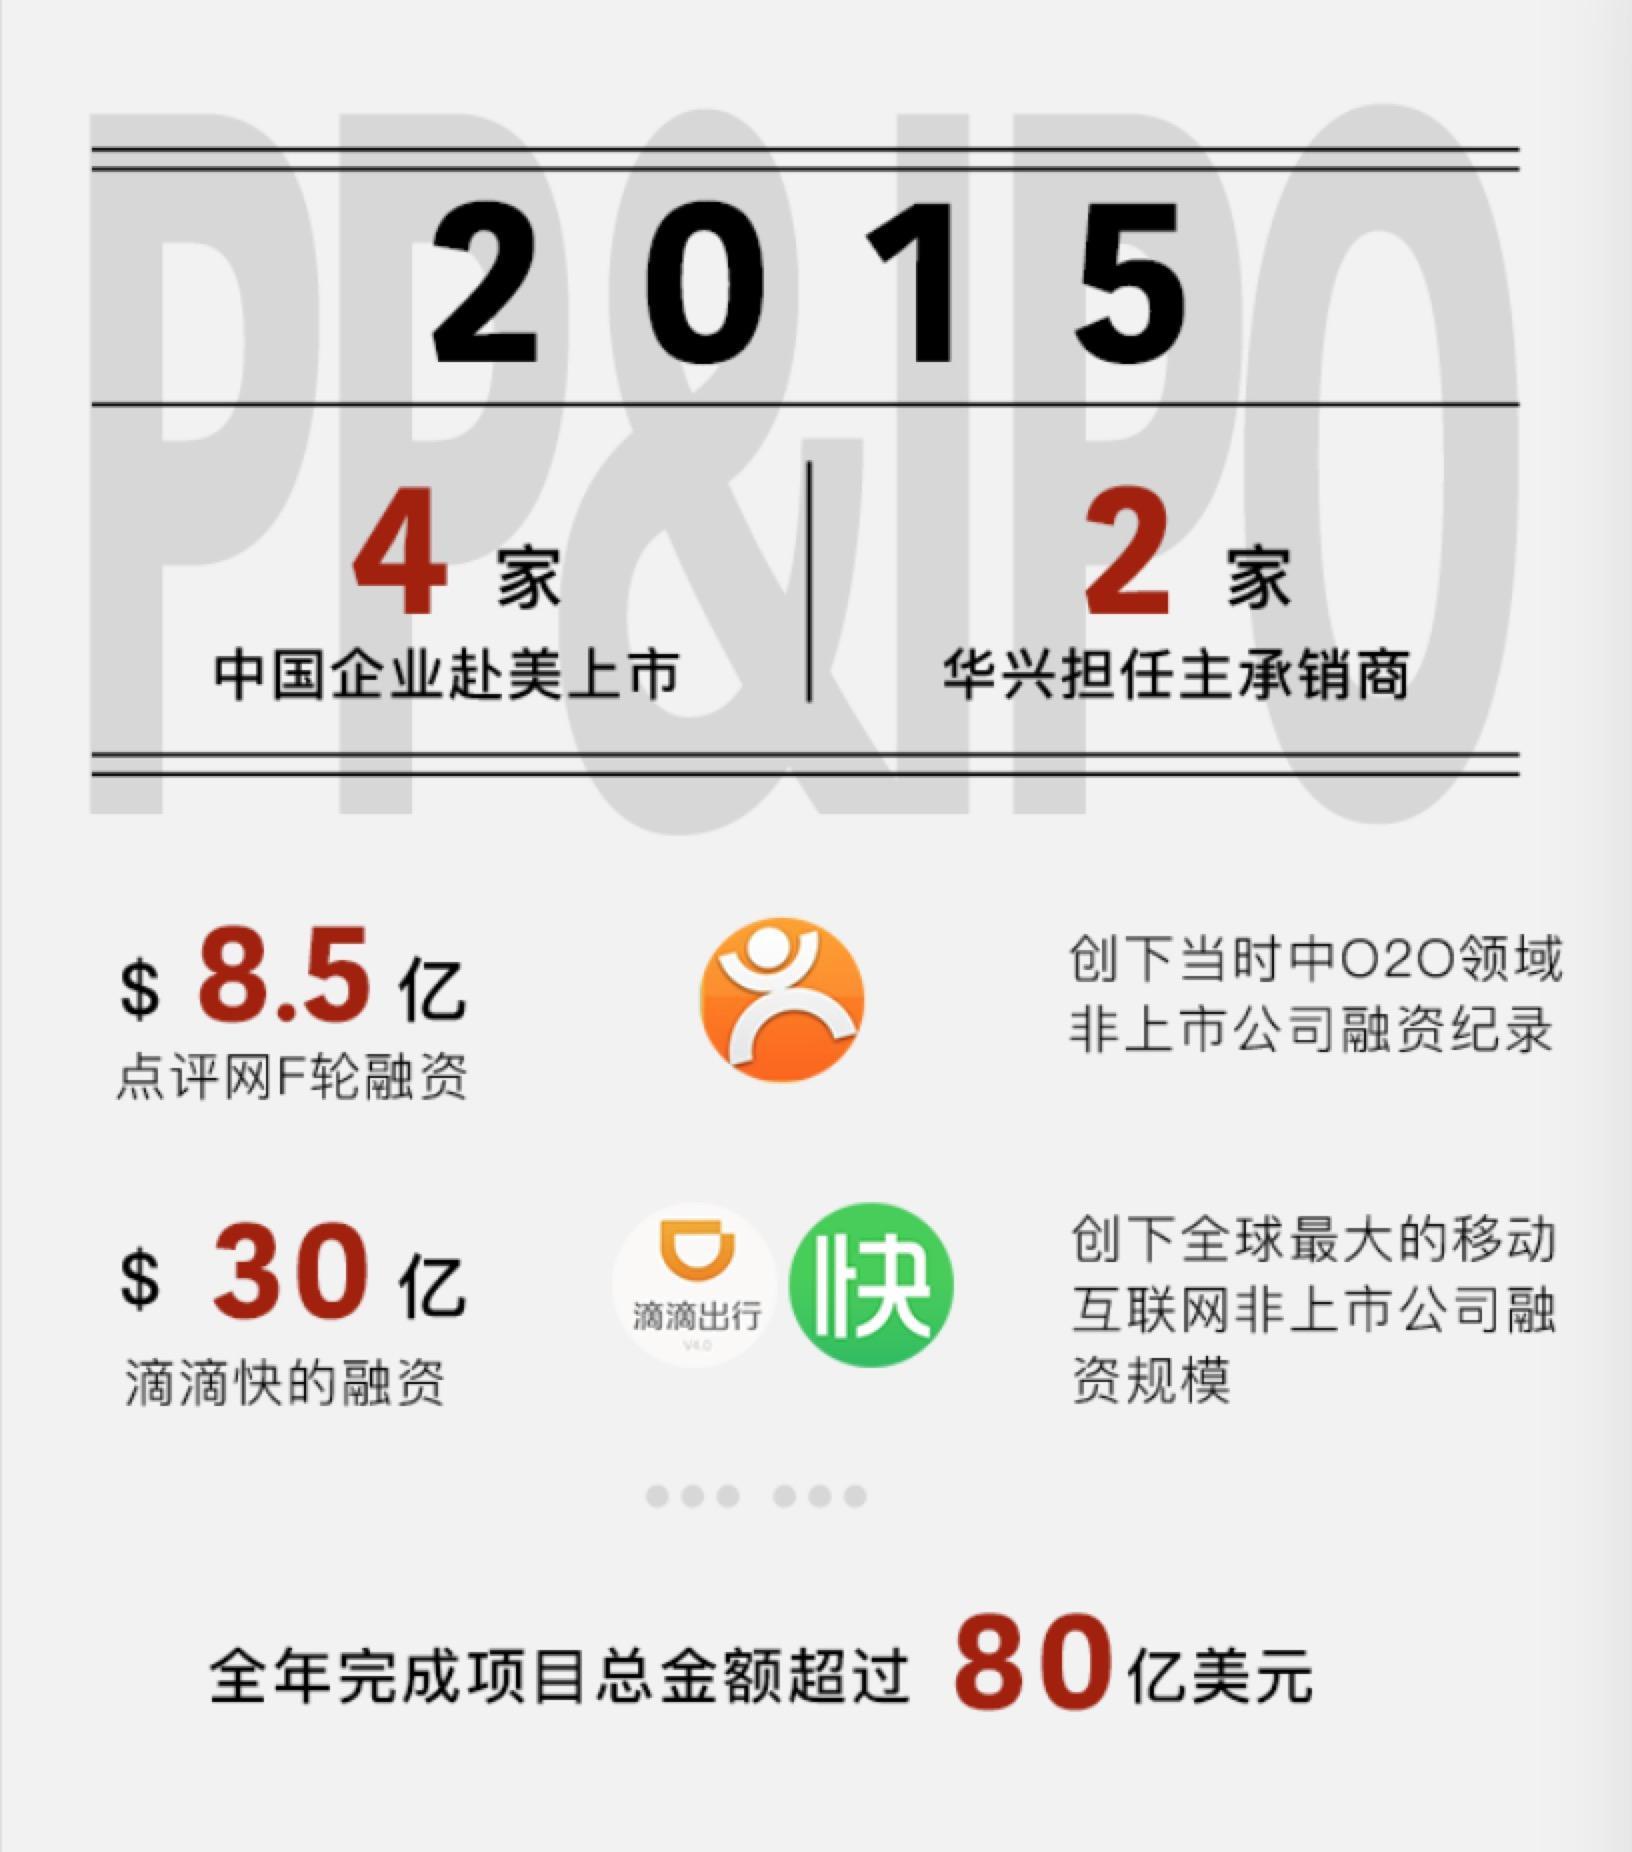 箭叩2016 | 华兴资本年度盘点